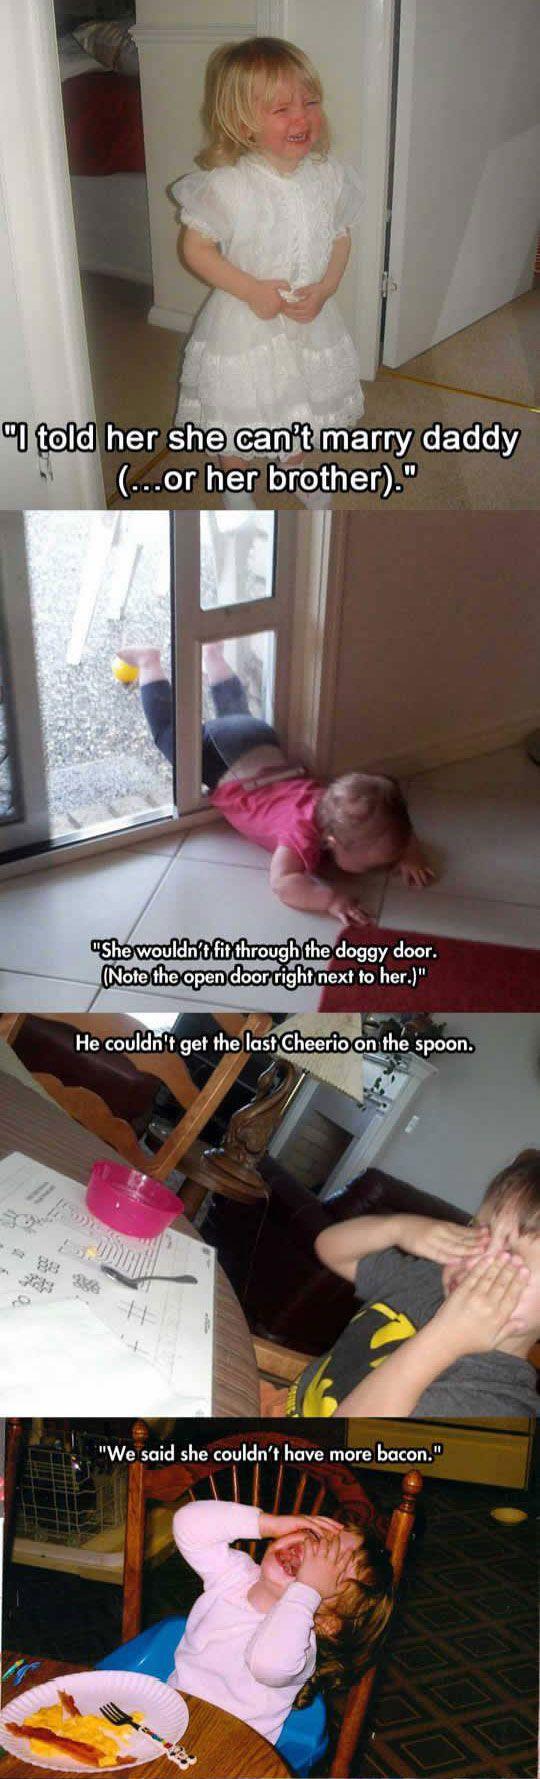 Cosas por las que lloran los niños jejeje